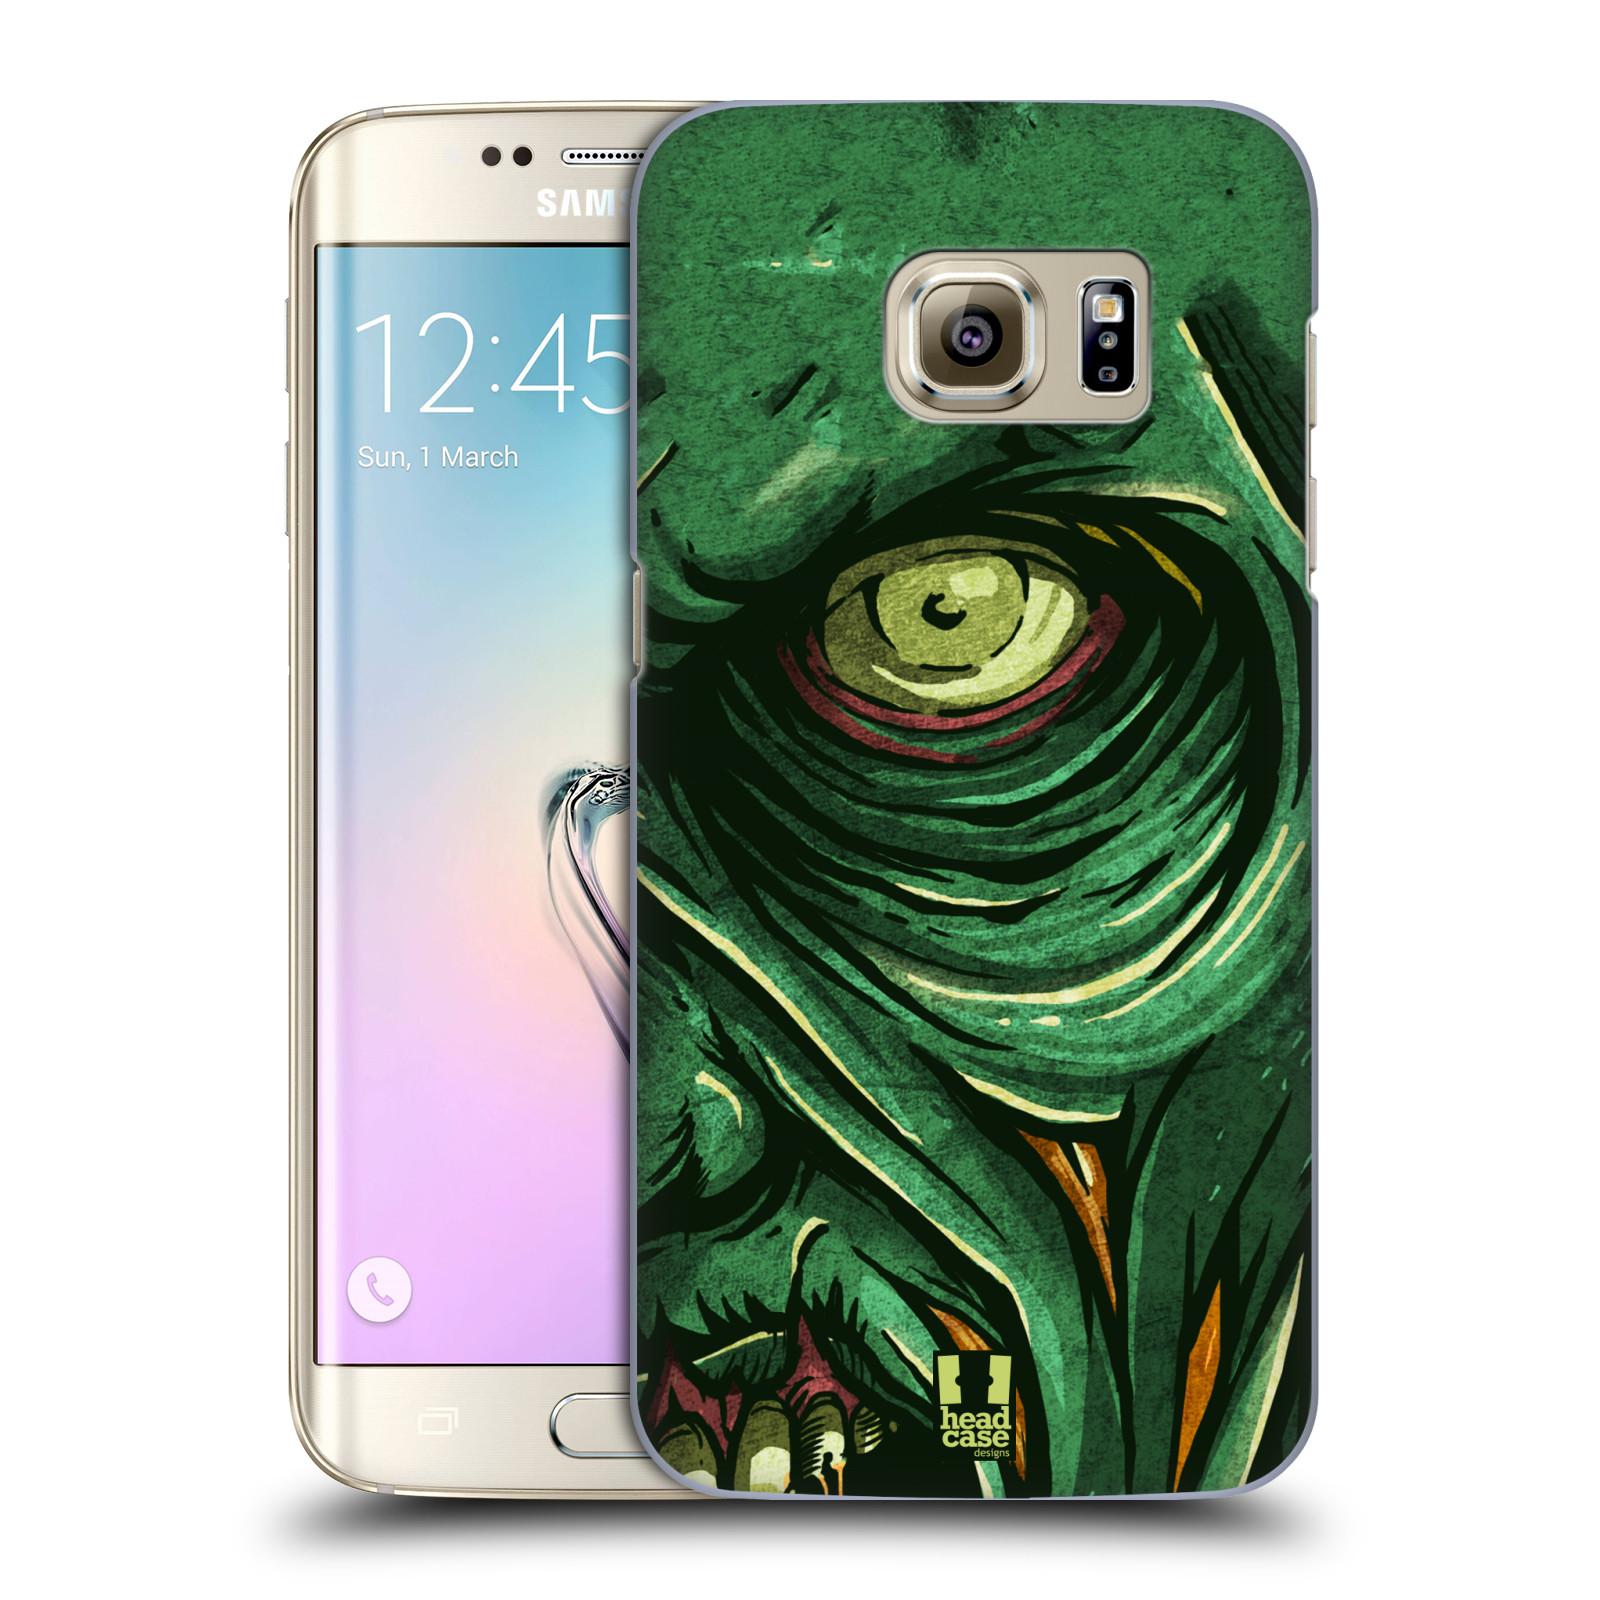 Plastové pouzdro na mobil Samsung Galaxy S7 Edge HEAD CASE ZOMBIE TVÁŘ (Kryt či obal na mobilní telefon Samsung Galaxy S7 Edge SM-G935F)